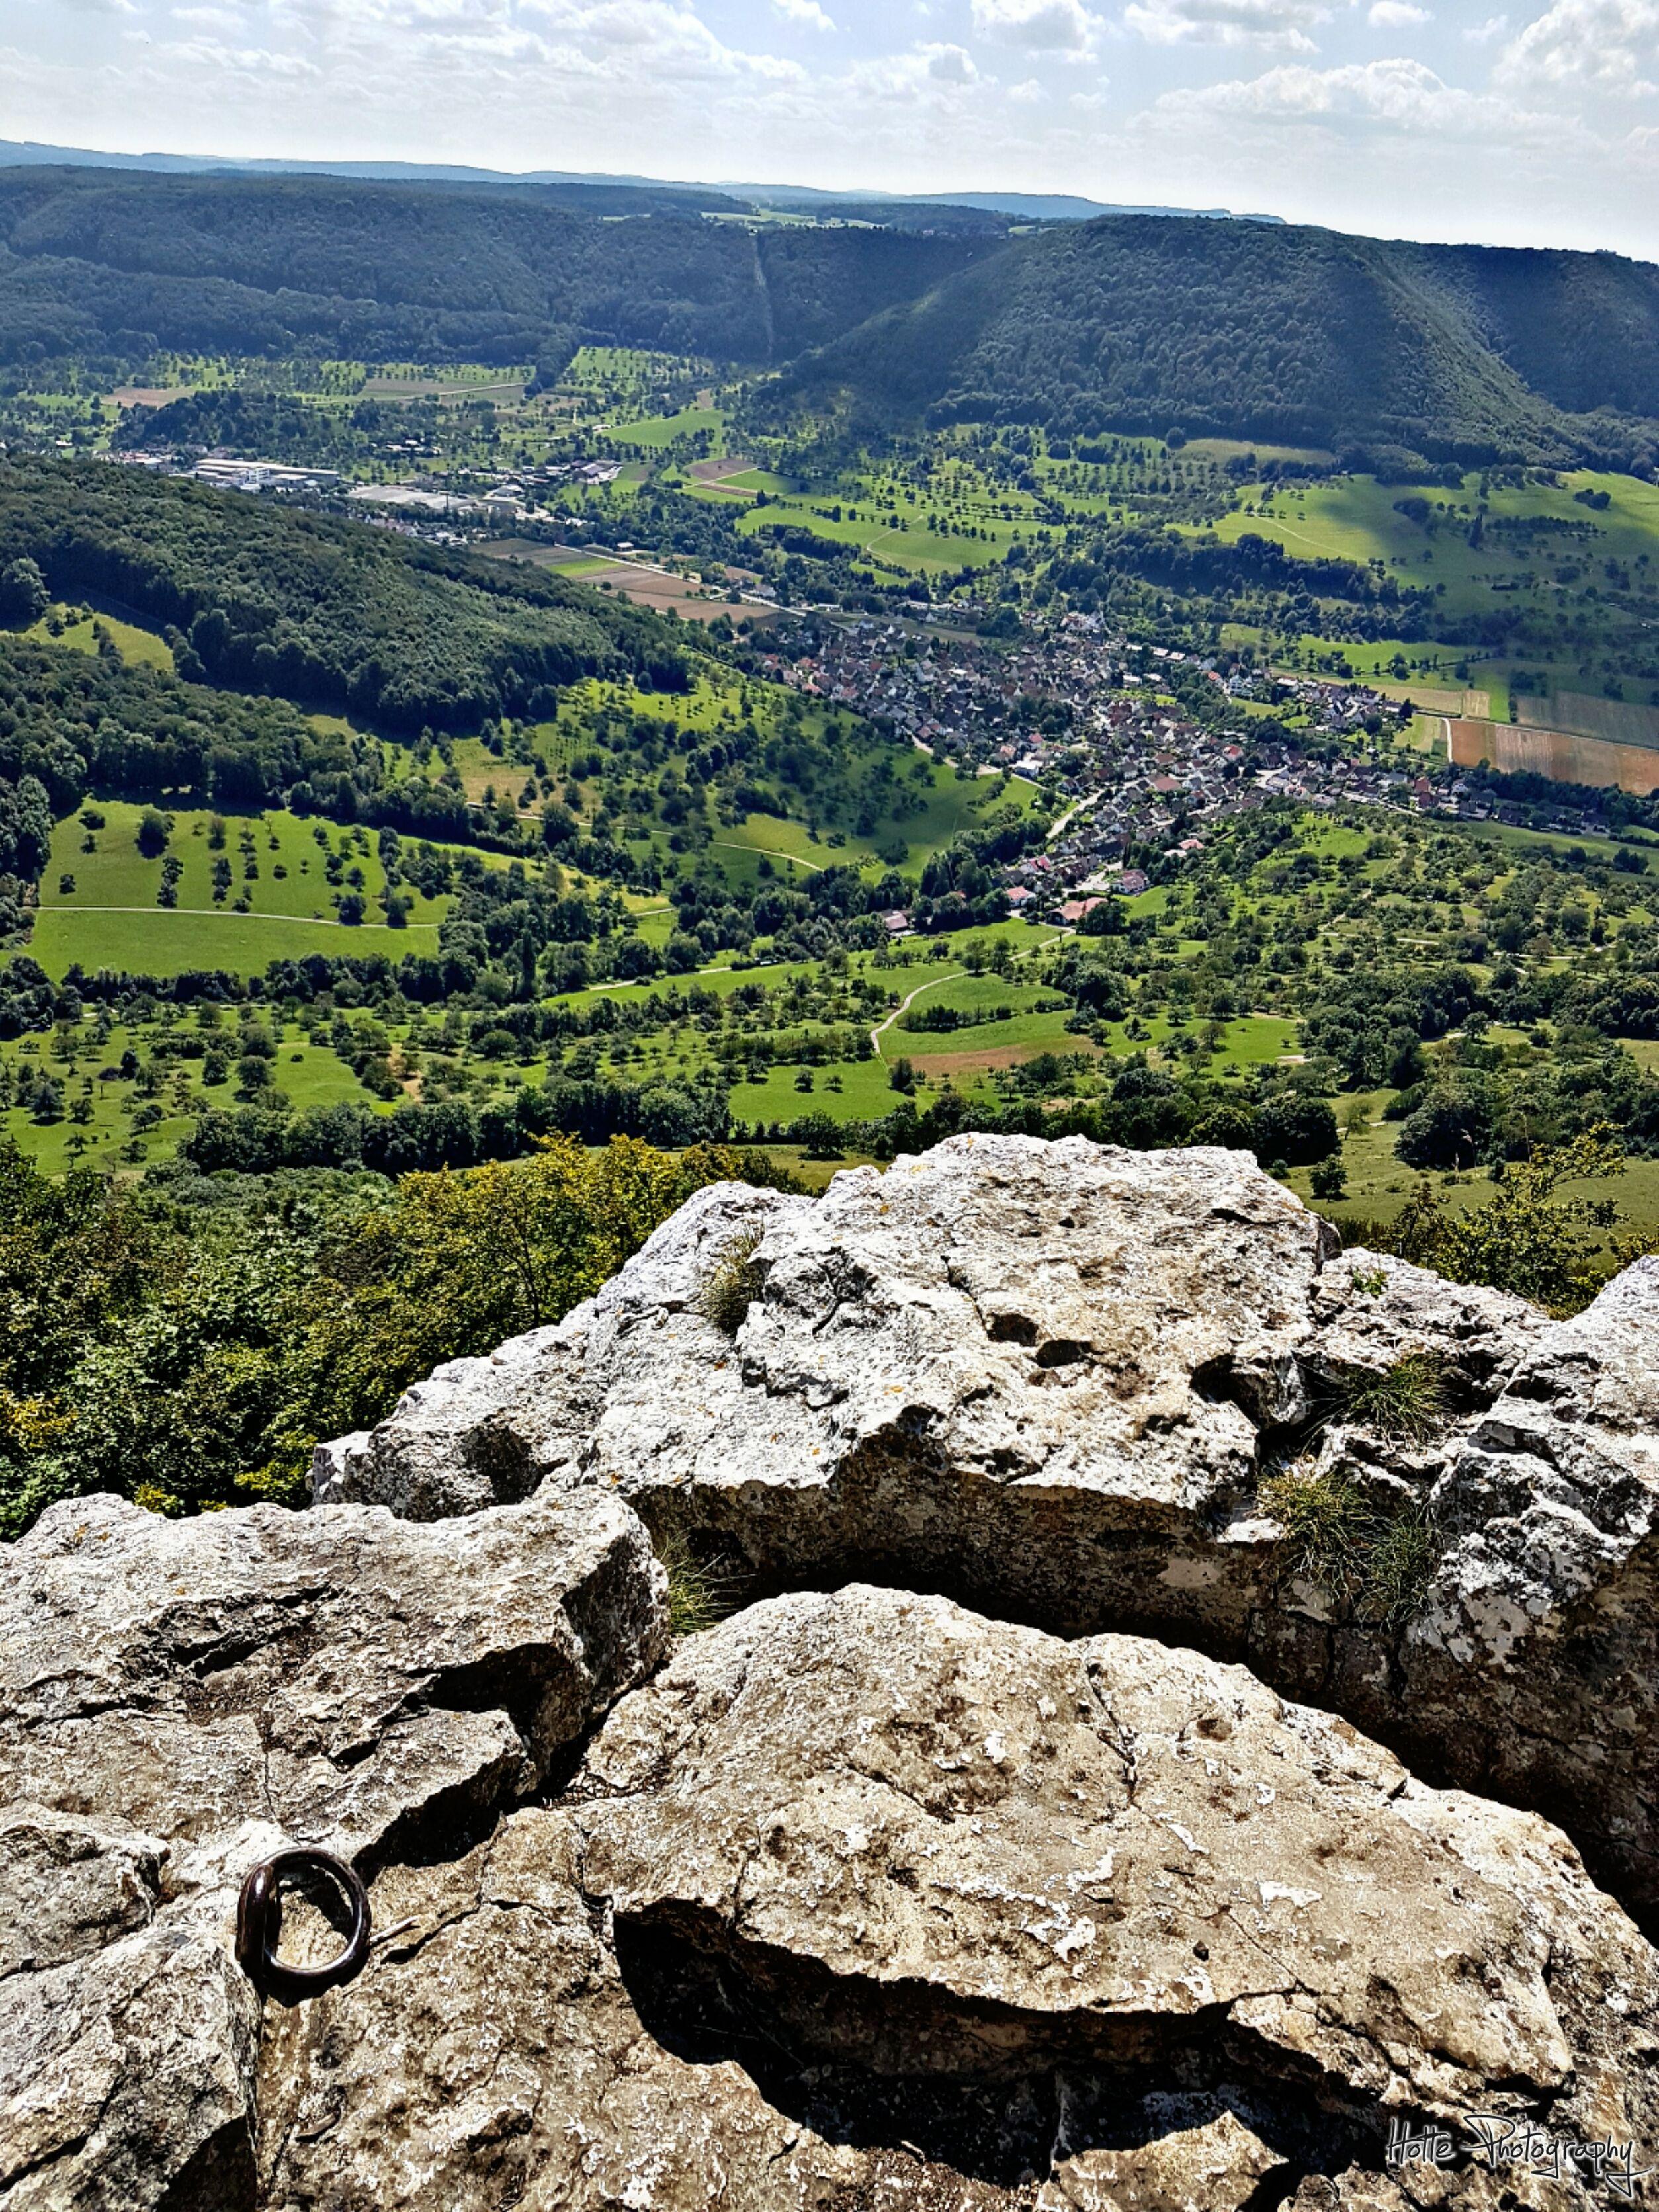 #naturephotography Hecha un vistazo a lo que he @hotte56 hecho con #PicsArt Crea el tuyo gratis  http://go.picsart.com/f1Fc/YFmjGMBTMy